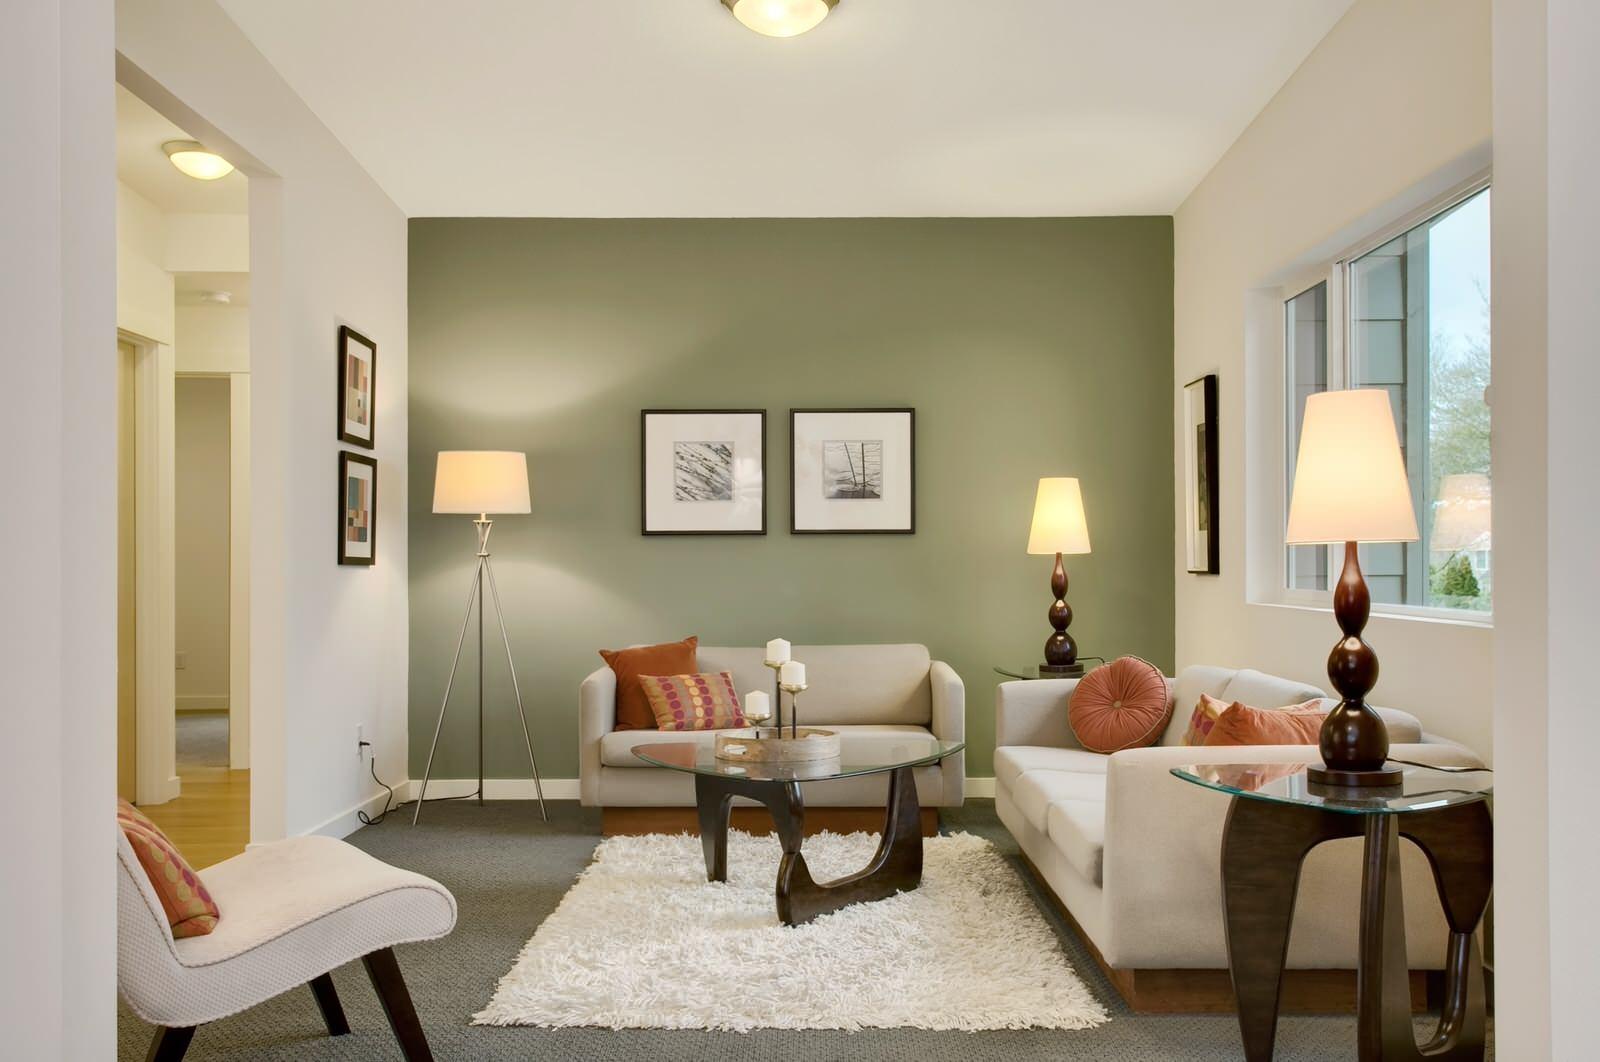 Дизайн стен в квартире фото покраска стен дизайн